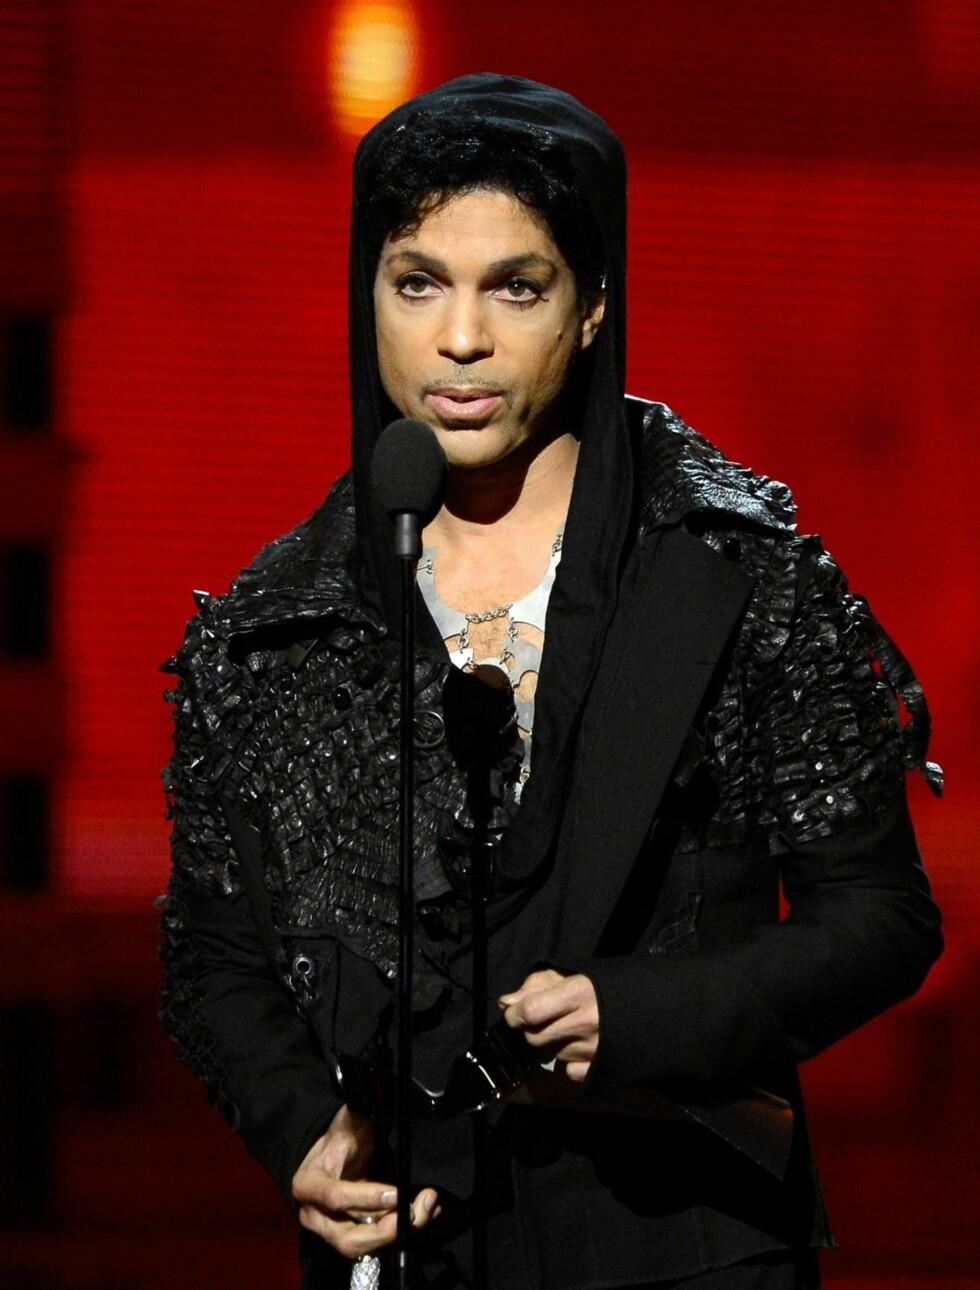 SJELDEN OPPTREDEN: Artisten Prince er kjent for å være mediesky, men snakket også til salen fra scenen. Foto: All Over Press